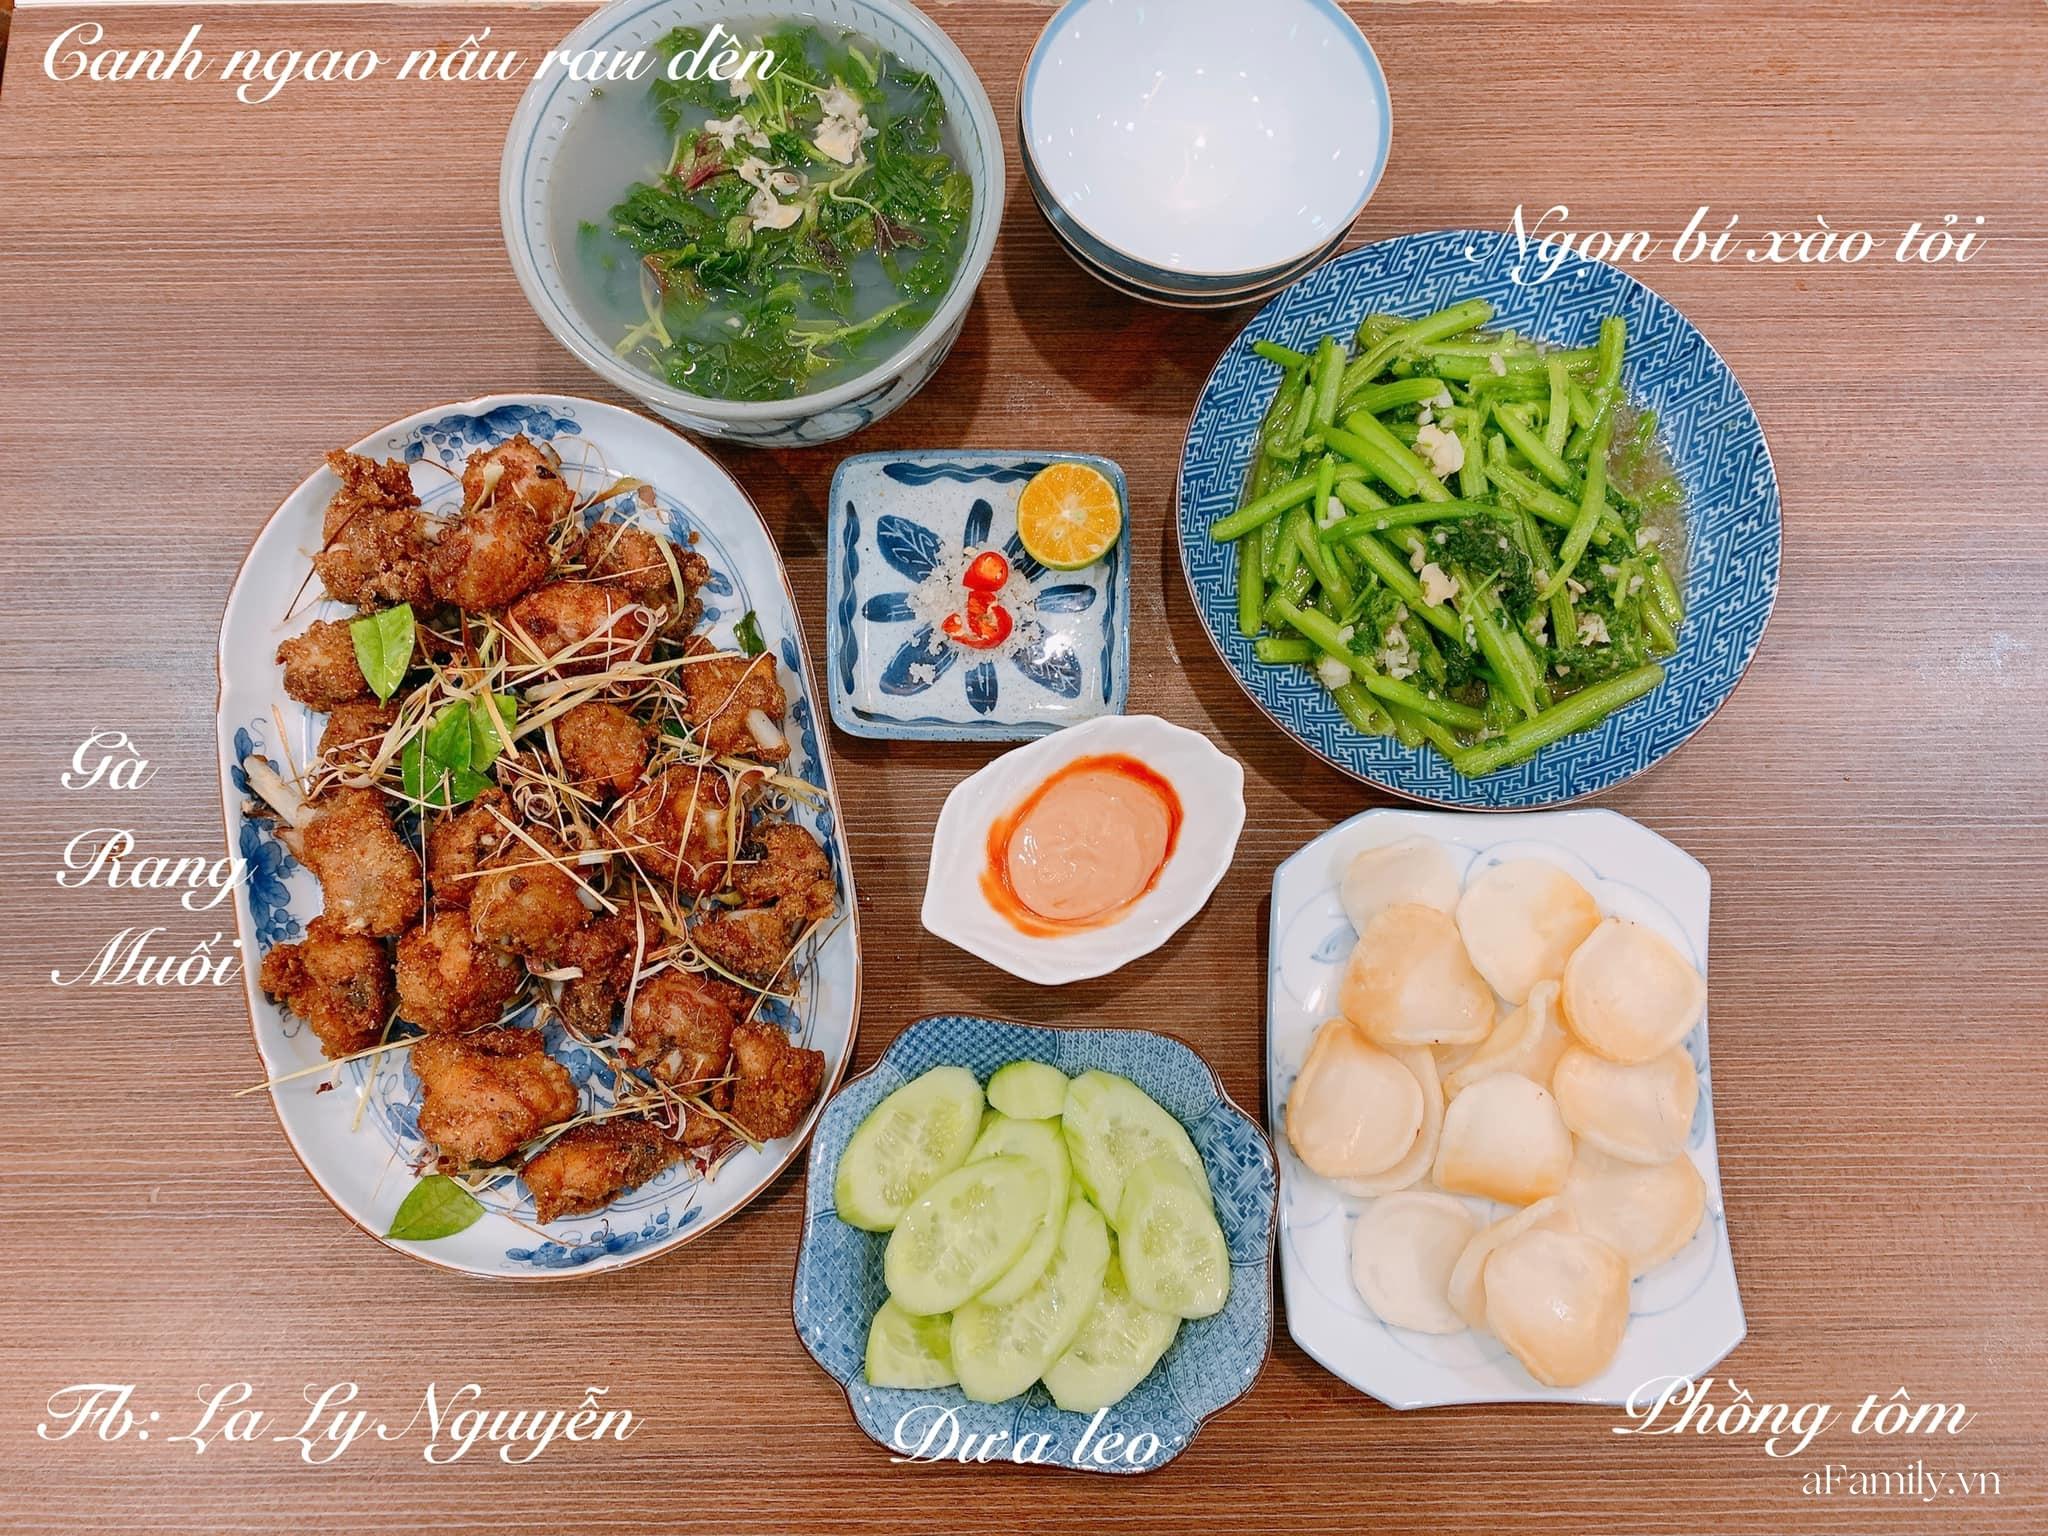 Sống giữa lòng thủ đô Hà Nội, mẹ đảm vẫn thoải mái nấu cho gia đình những mâm cơm ngon bổ rẻ, chi phí tiết lộ chỉ 70K/bữa khiến chị em ầm ầm học theo - Ảnh 4.